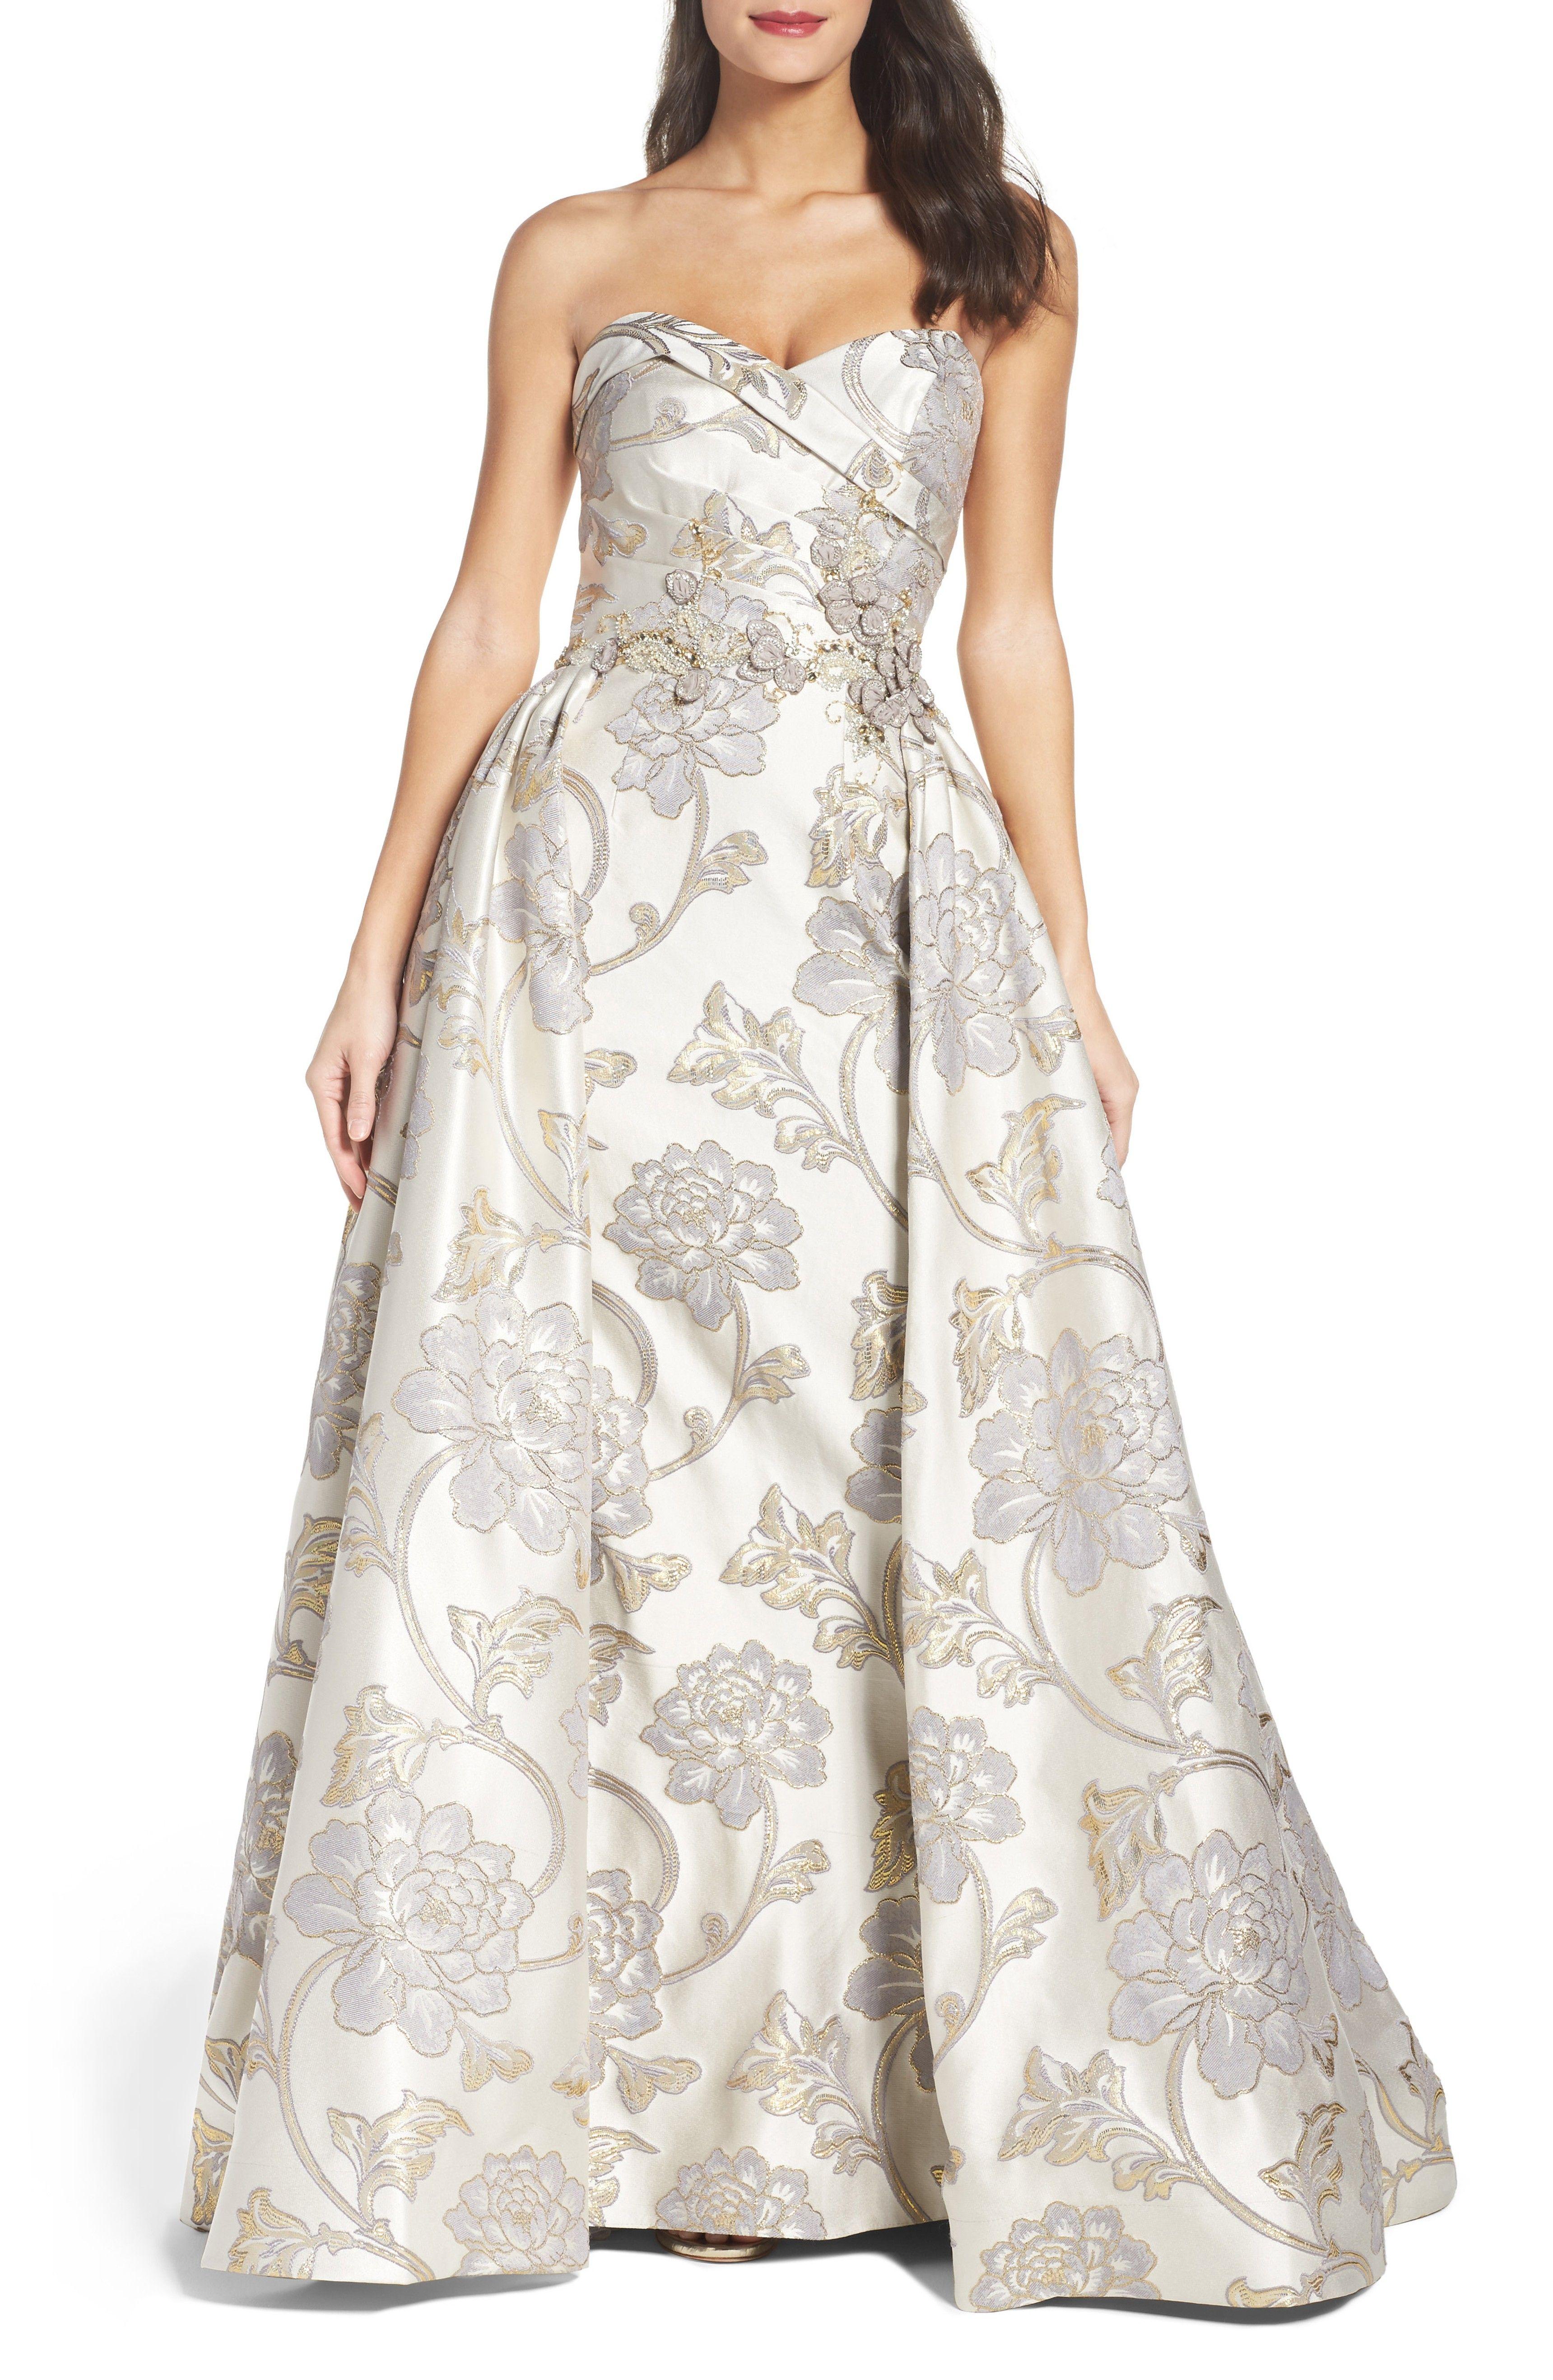 dc0ed0fc2c0 Main Image - Mac Duggal Metallic Brocade Gown | Beautiful Dresses in ...